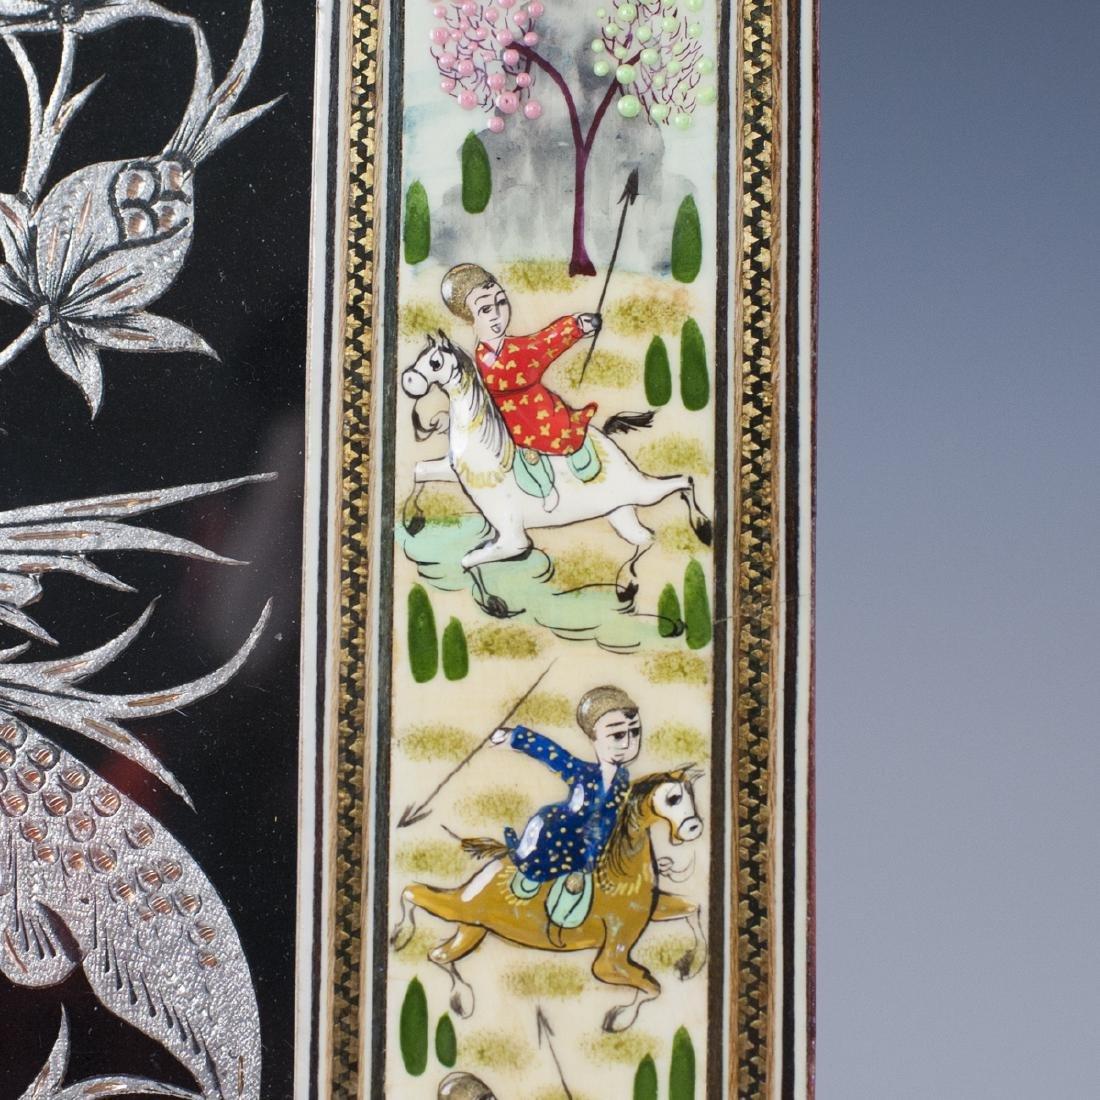 Persian Lacquered Khatam Frame Art - 4